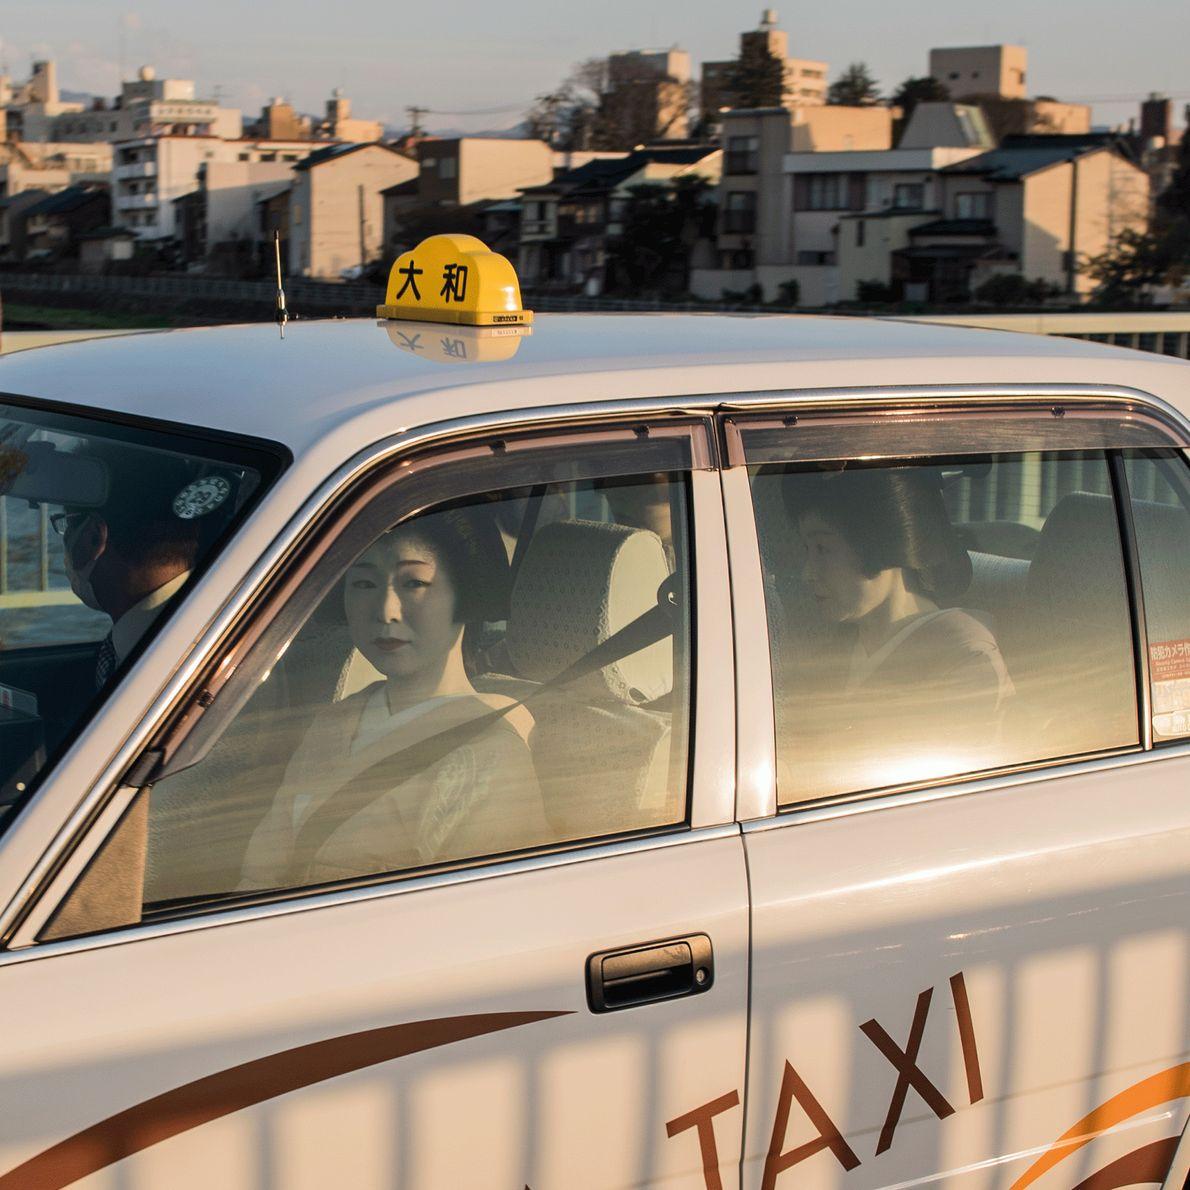 Fotografia de geishas dentro de um táxi no Japão